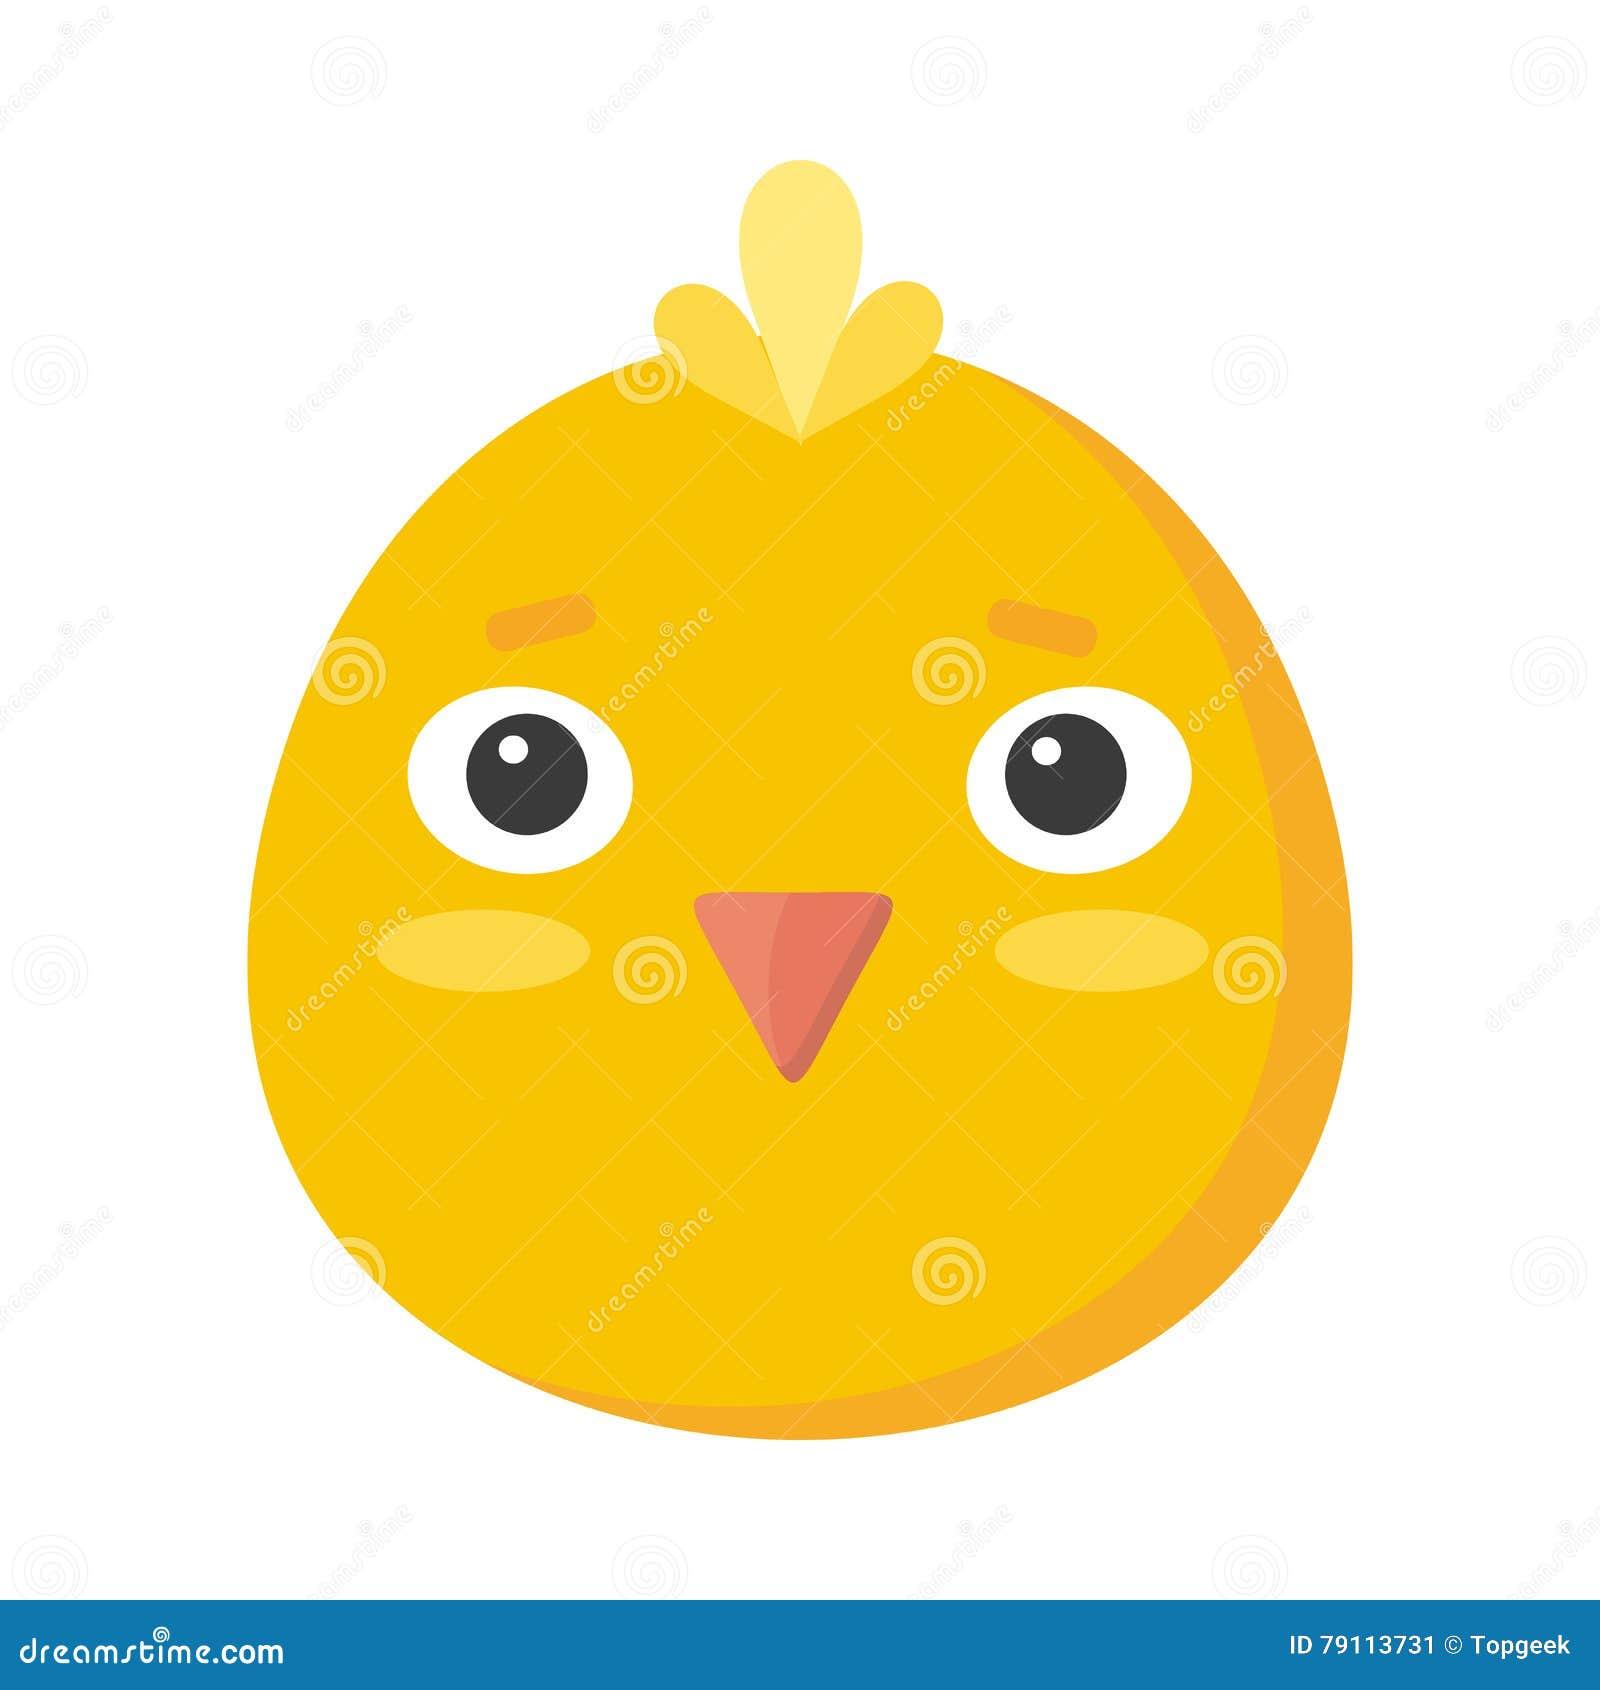 Chicken Mask On White Sticker For Child